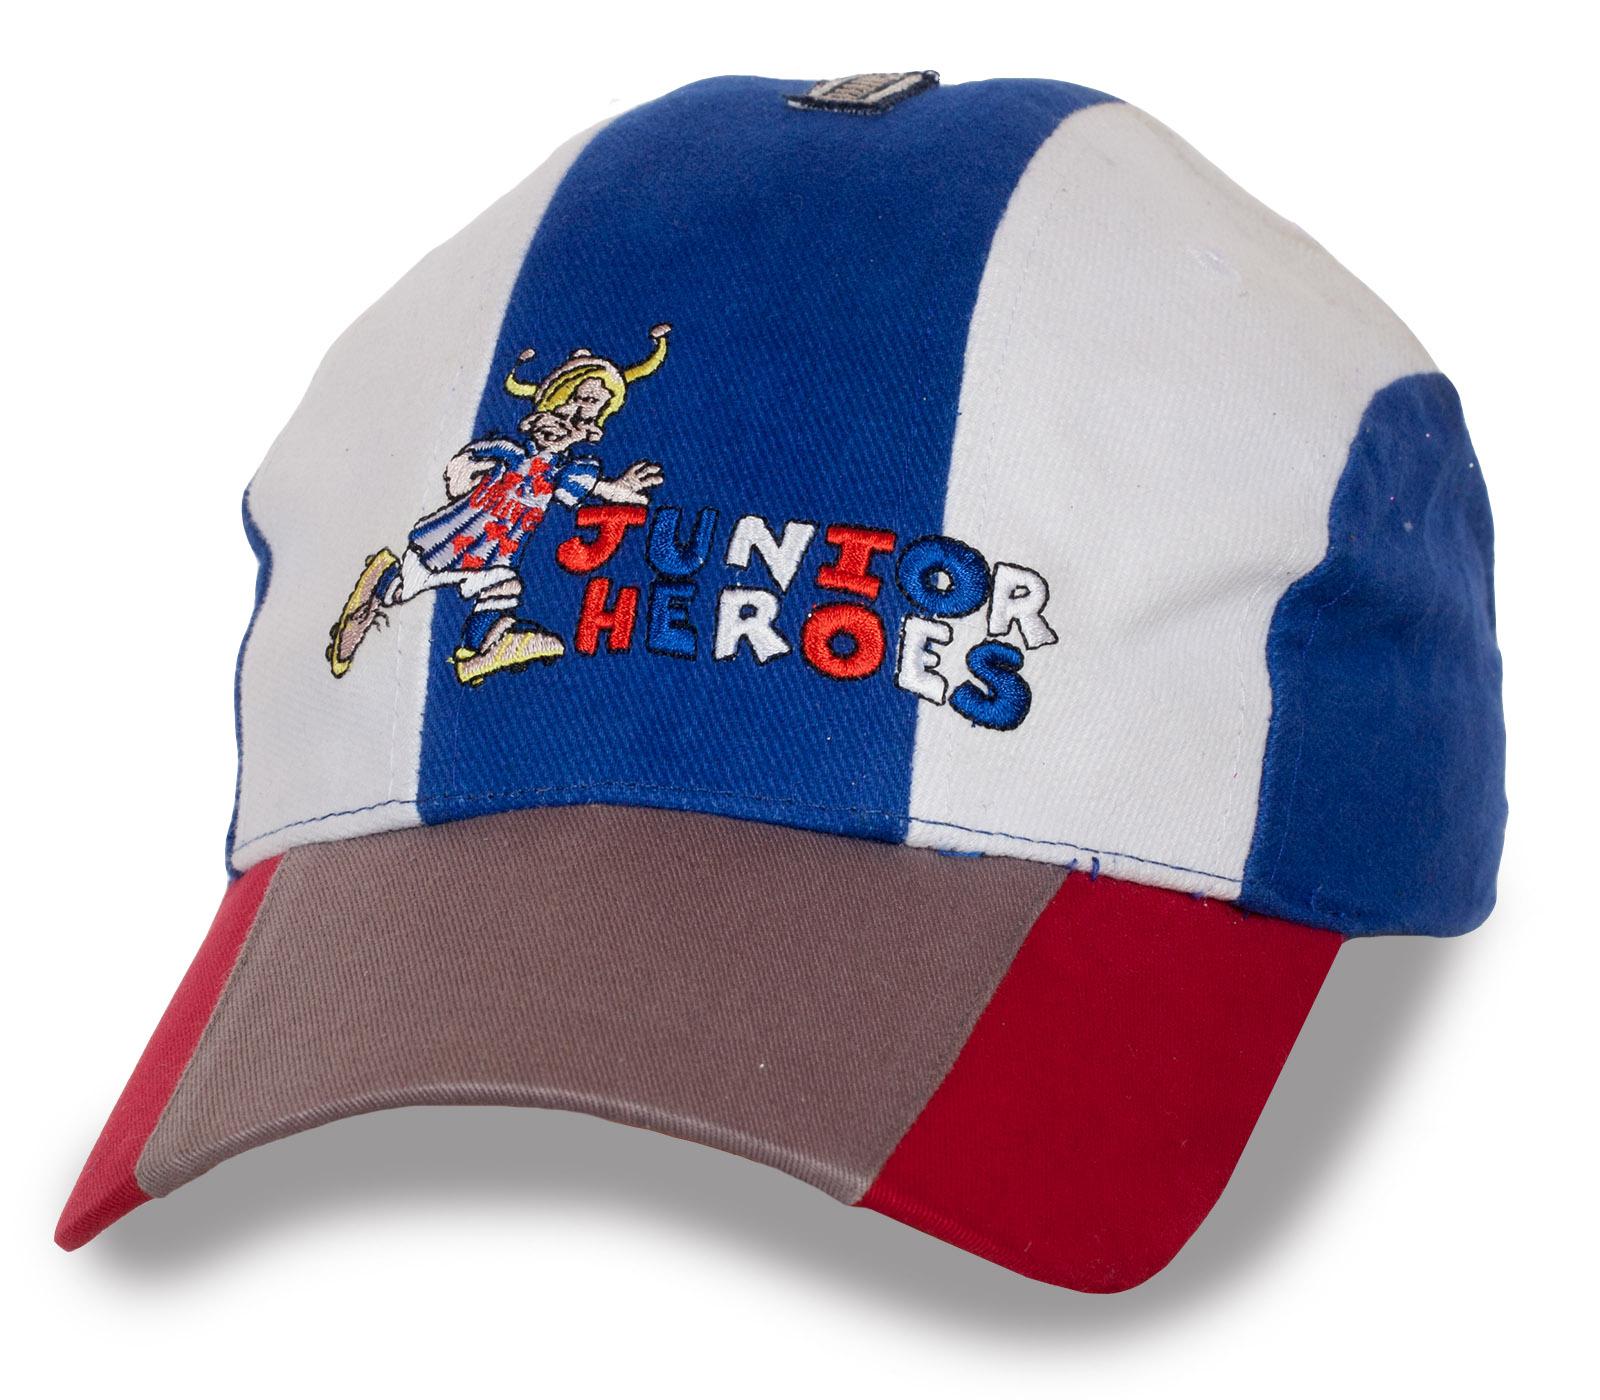 Прикольная кепка Junior Heroes.